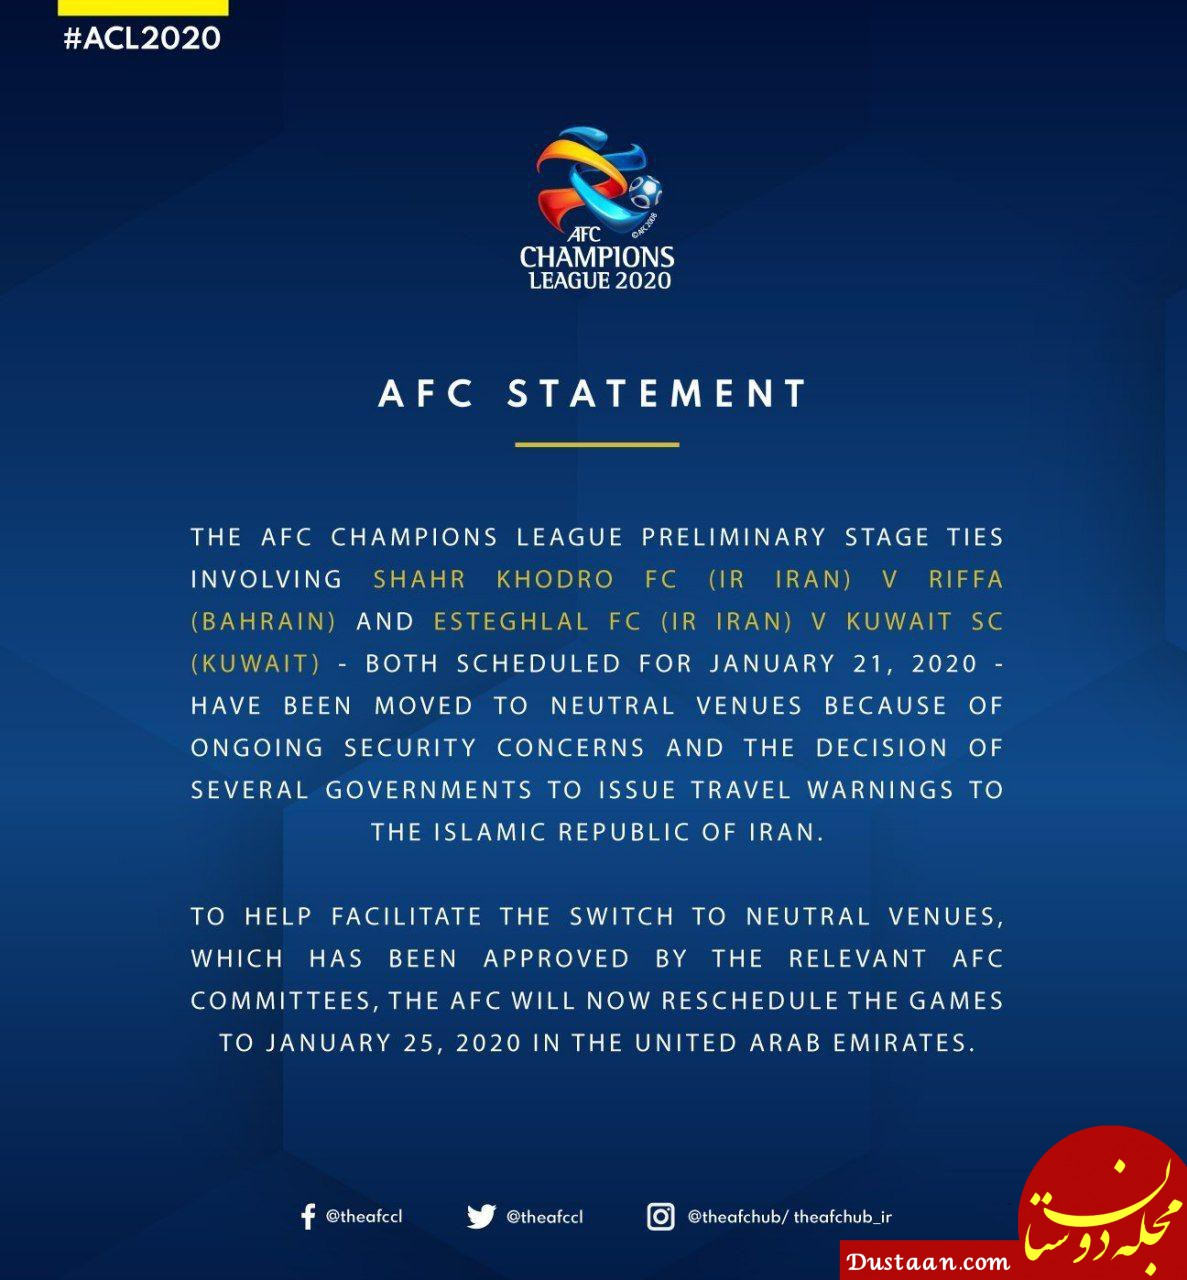 بیانیه رسمی AFC؛ امارات میزبان استقلال و شهر خودرو